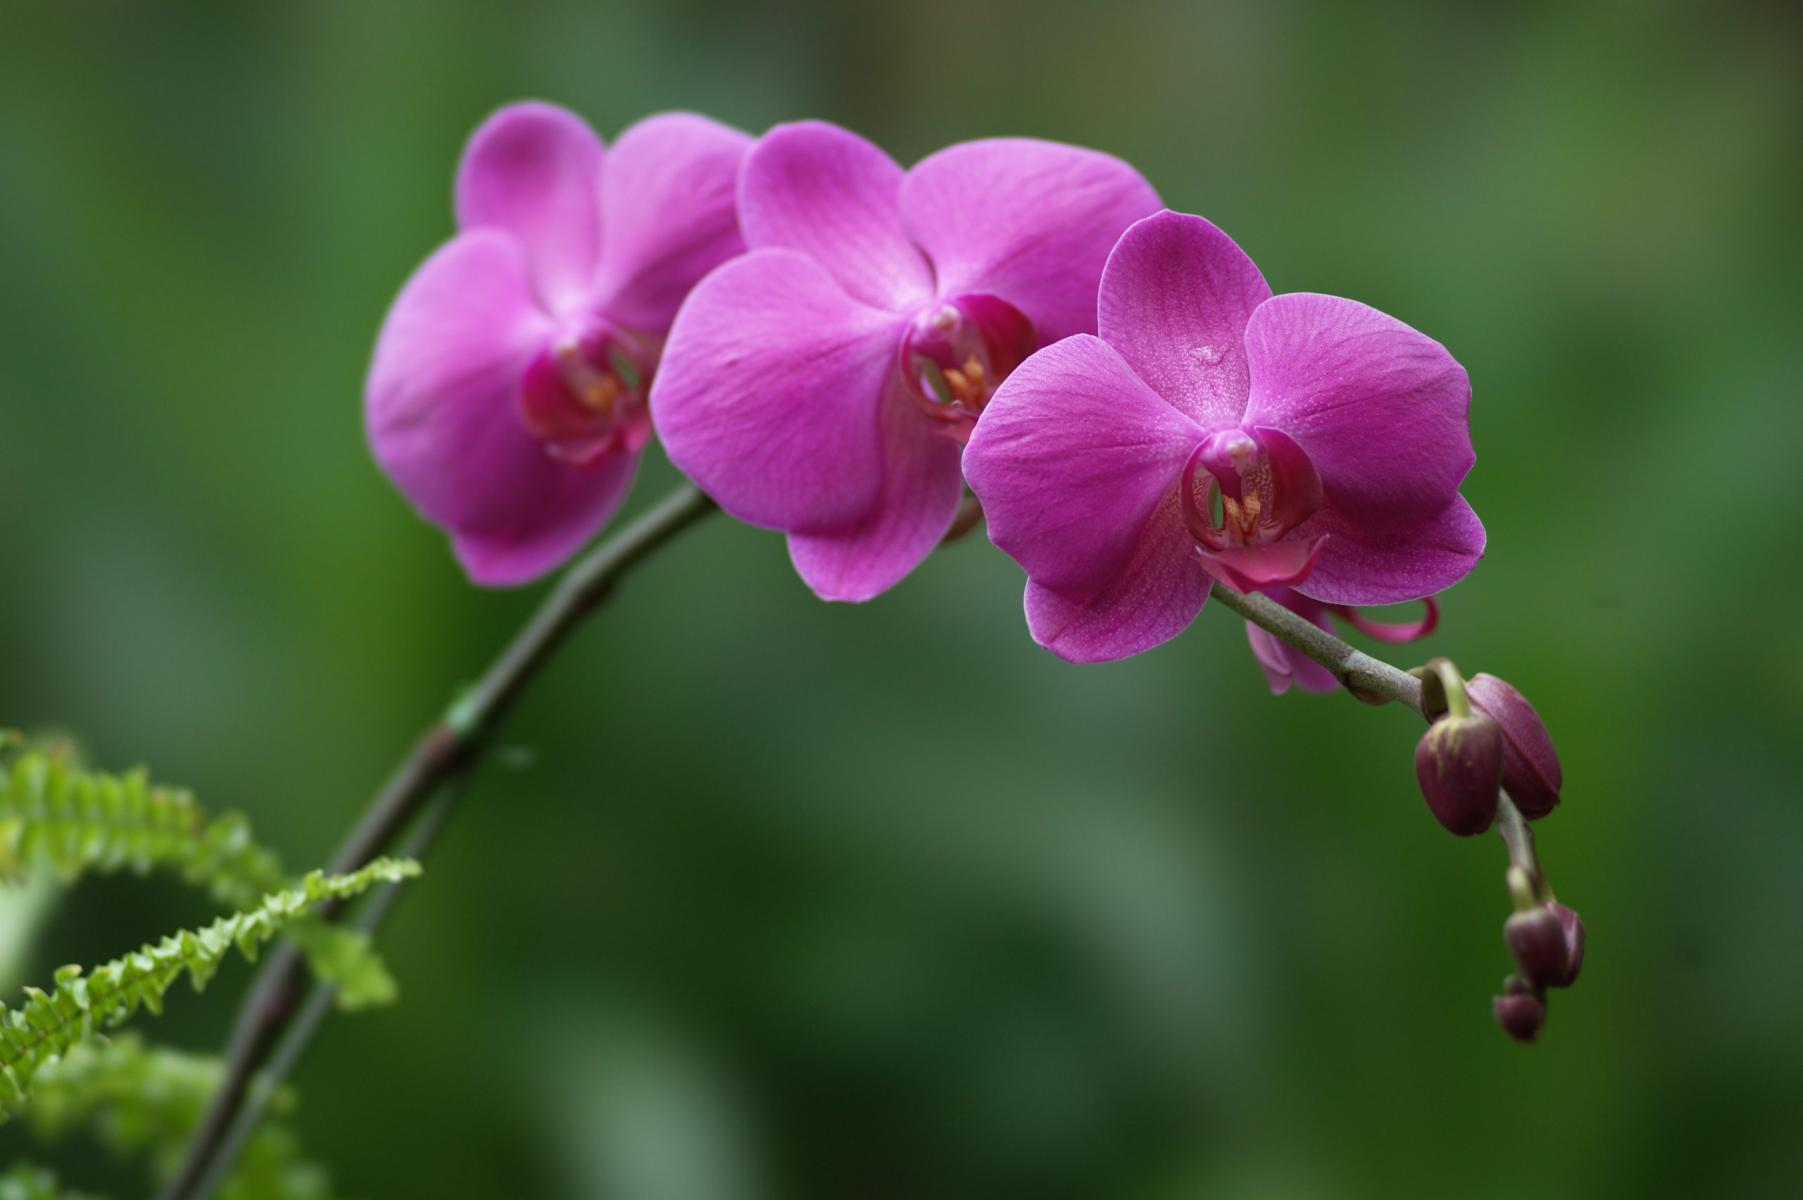 Sfondi desktop orchidee scarica sfondi gratuiti for Foto full hd per desktop